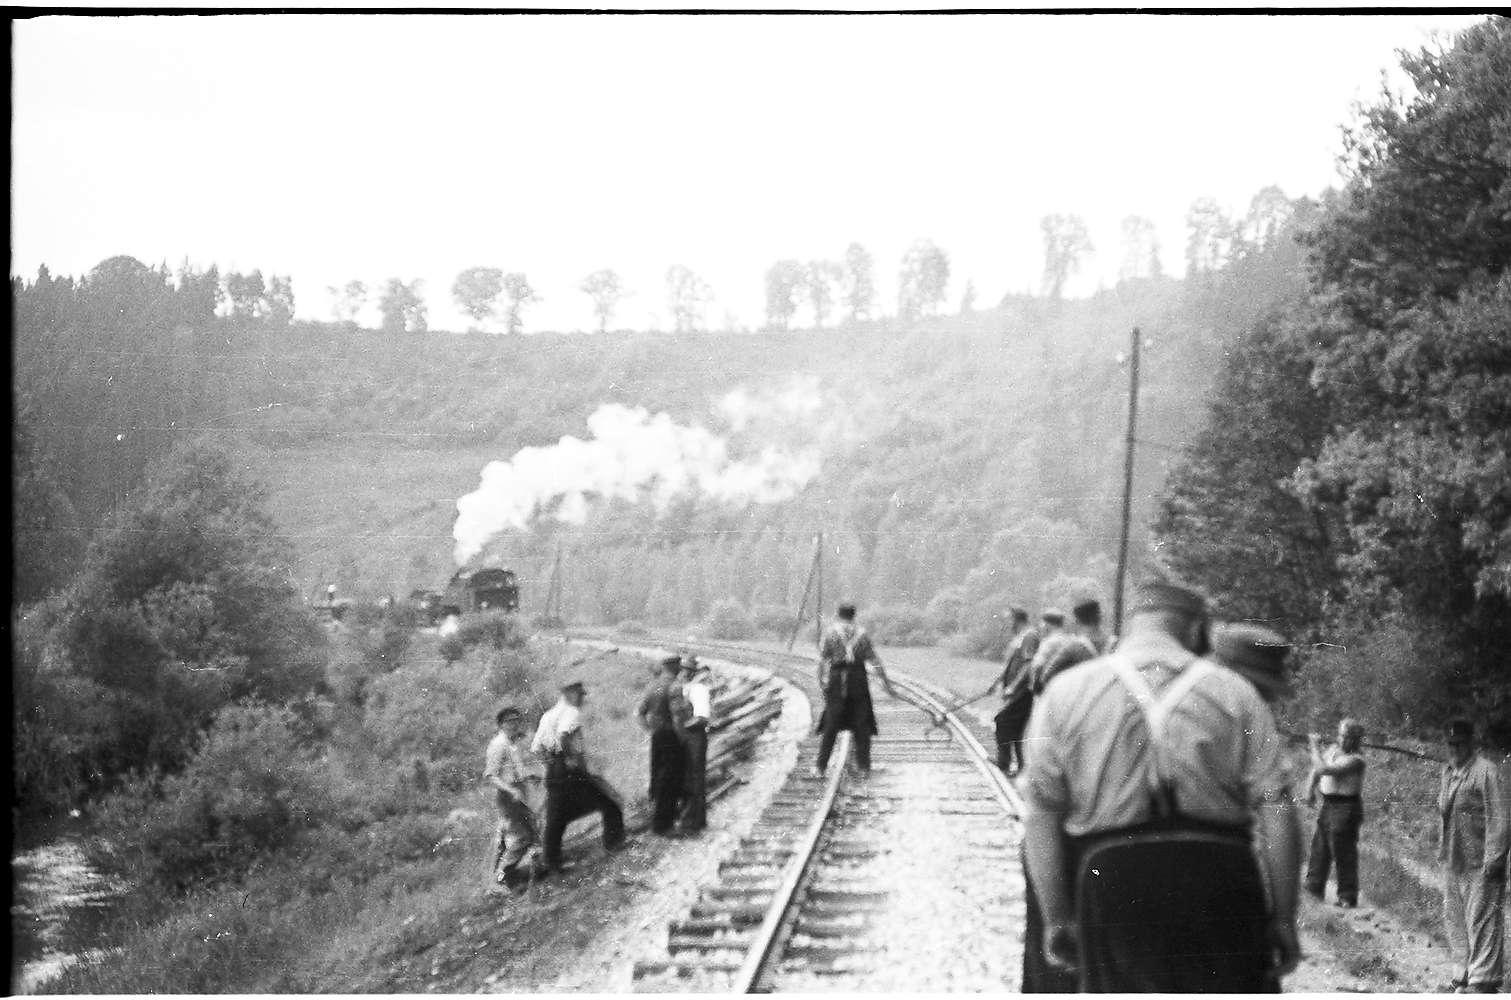 Lok 16, Arbeitszug bei Trillfingen, Schwellenladen, Gleiswerker der Rotte Stetten bei Haigerloch, die zuständig war für die Strecke Rangendingen - Eyach, Bild 1